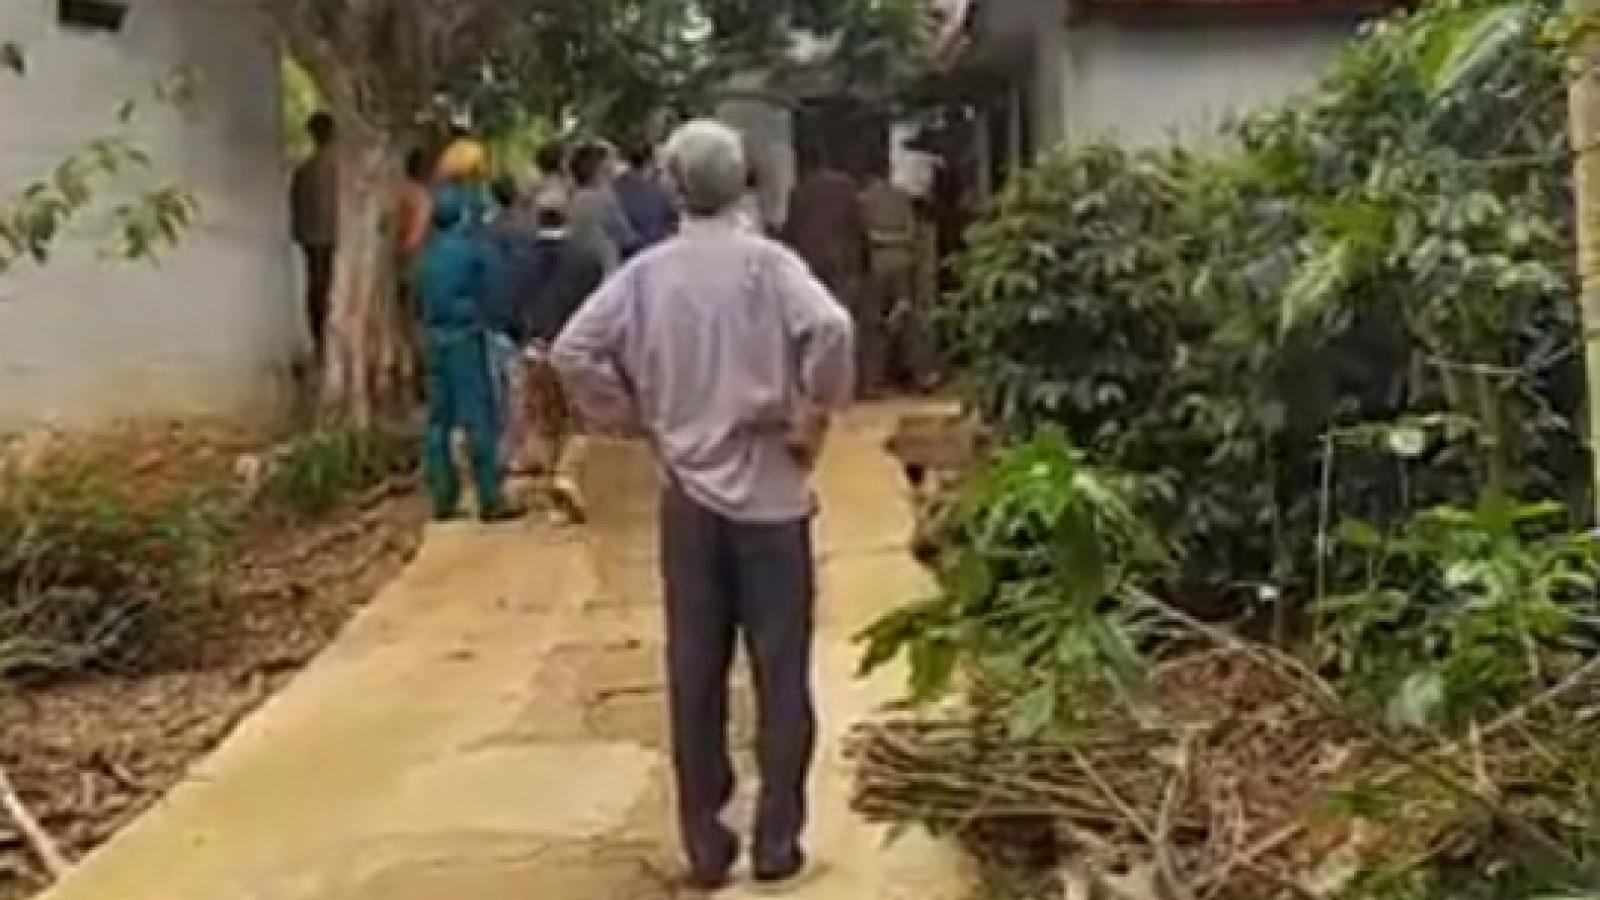 Mâu thuẫn gia đình, con trai hạ sát bố ruột ở Sơn La